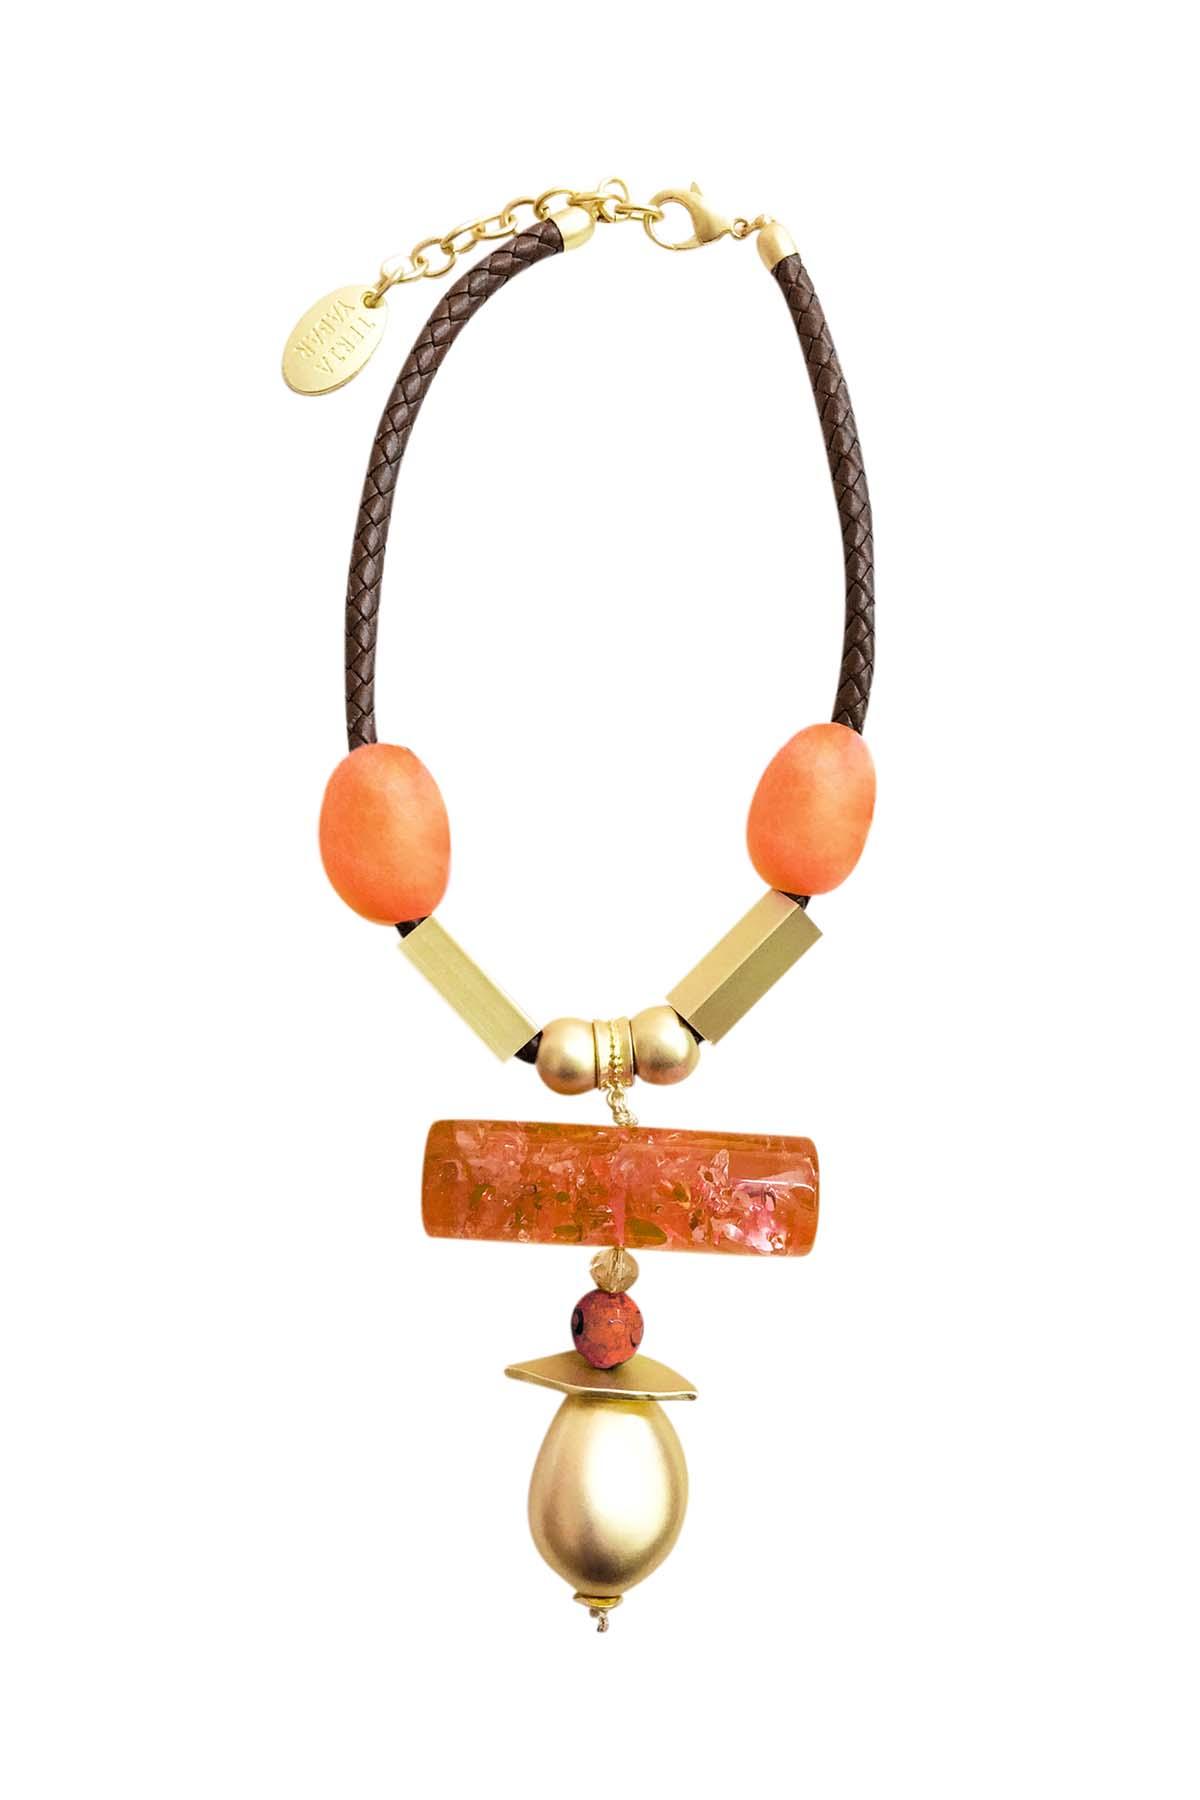 Teria Yabar - Collar naranja étnico